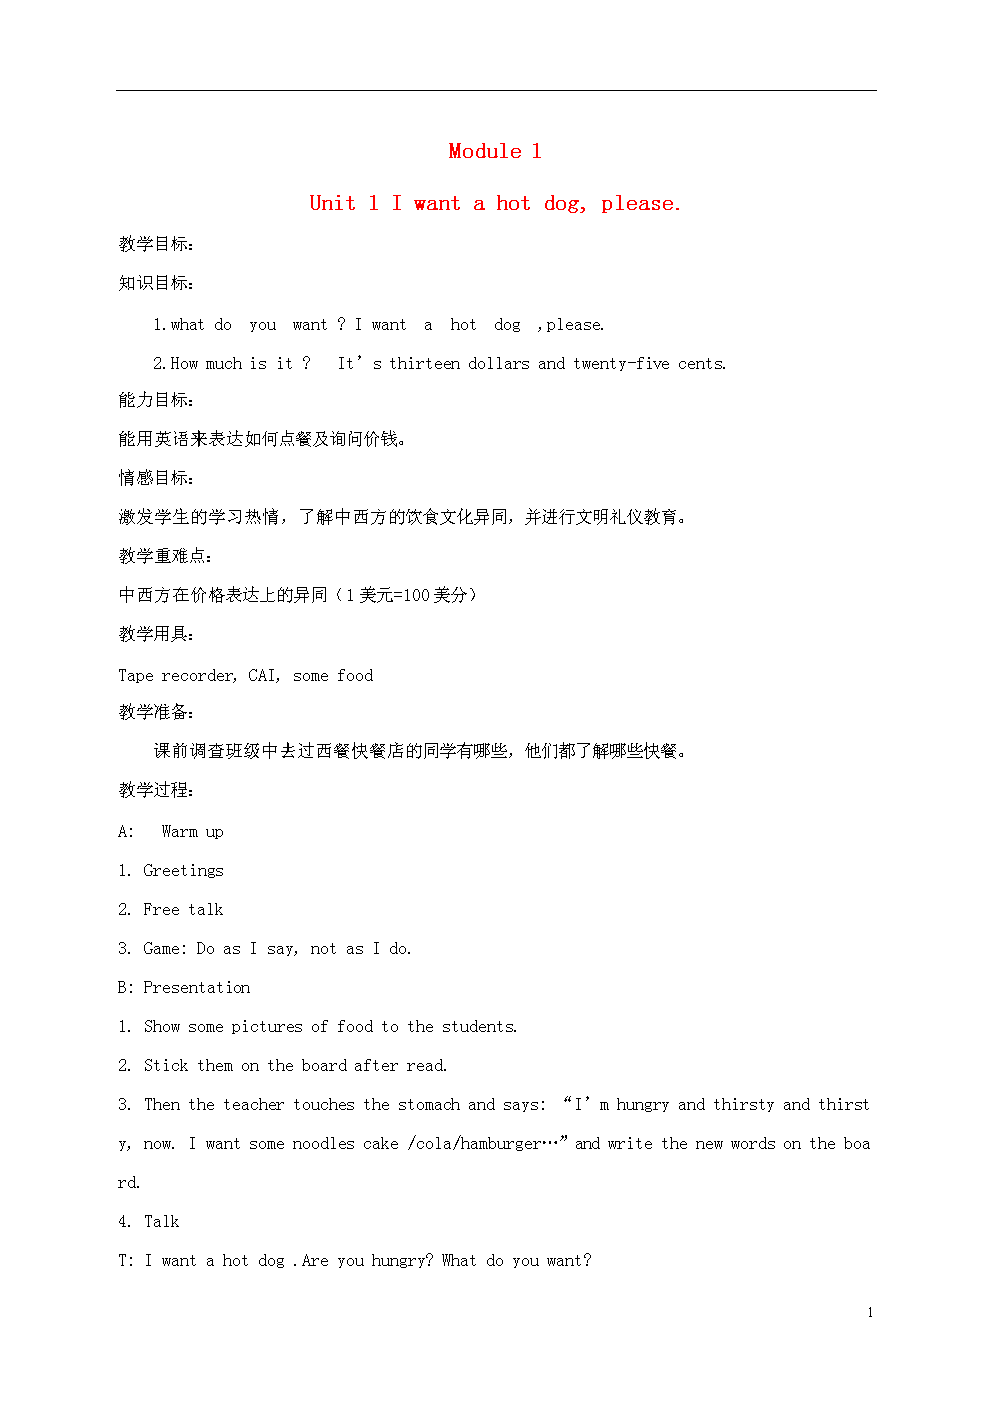 六年級英語下冊 Module1 unit1教案 外研版.doc